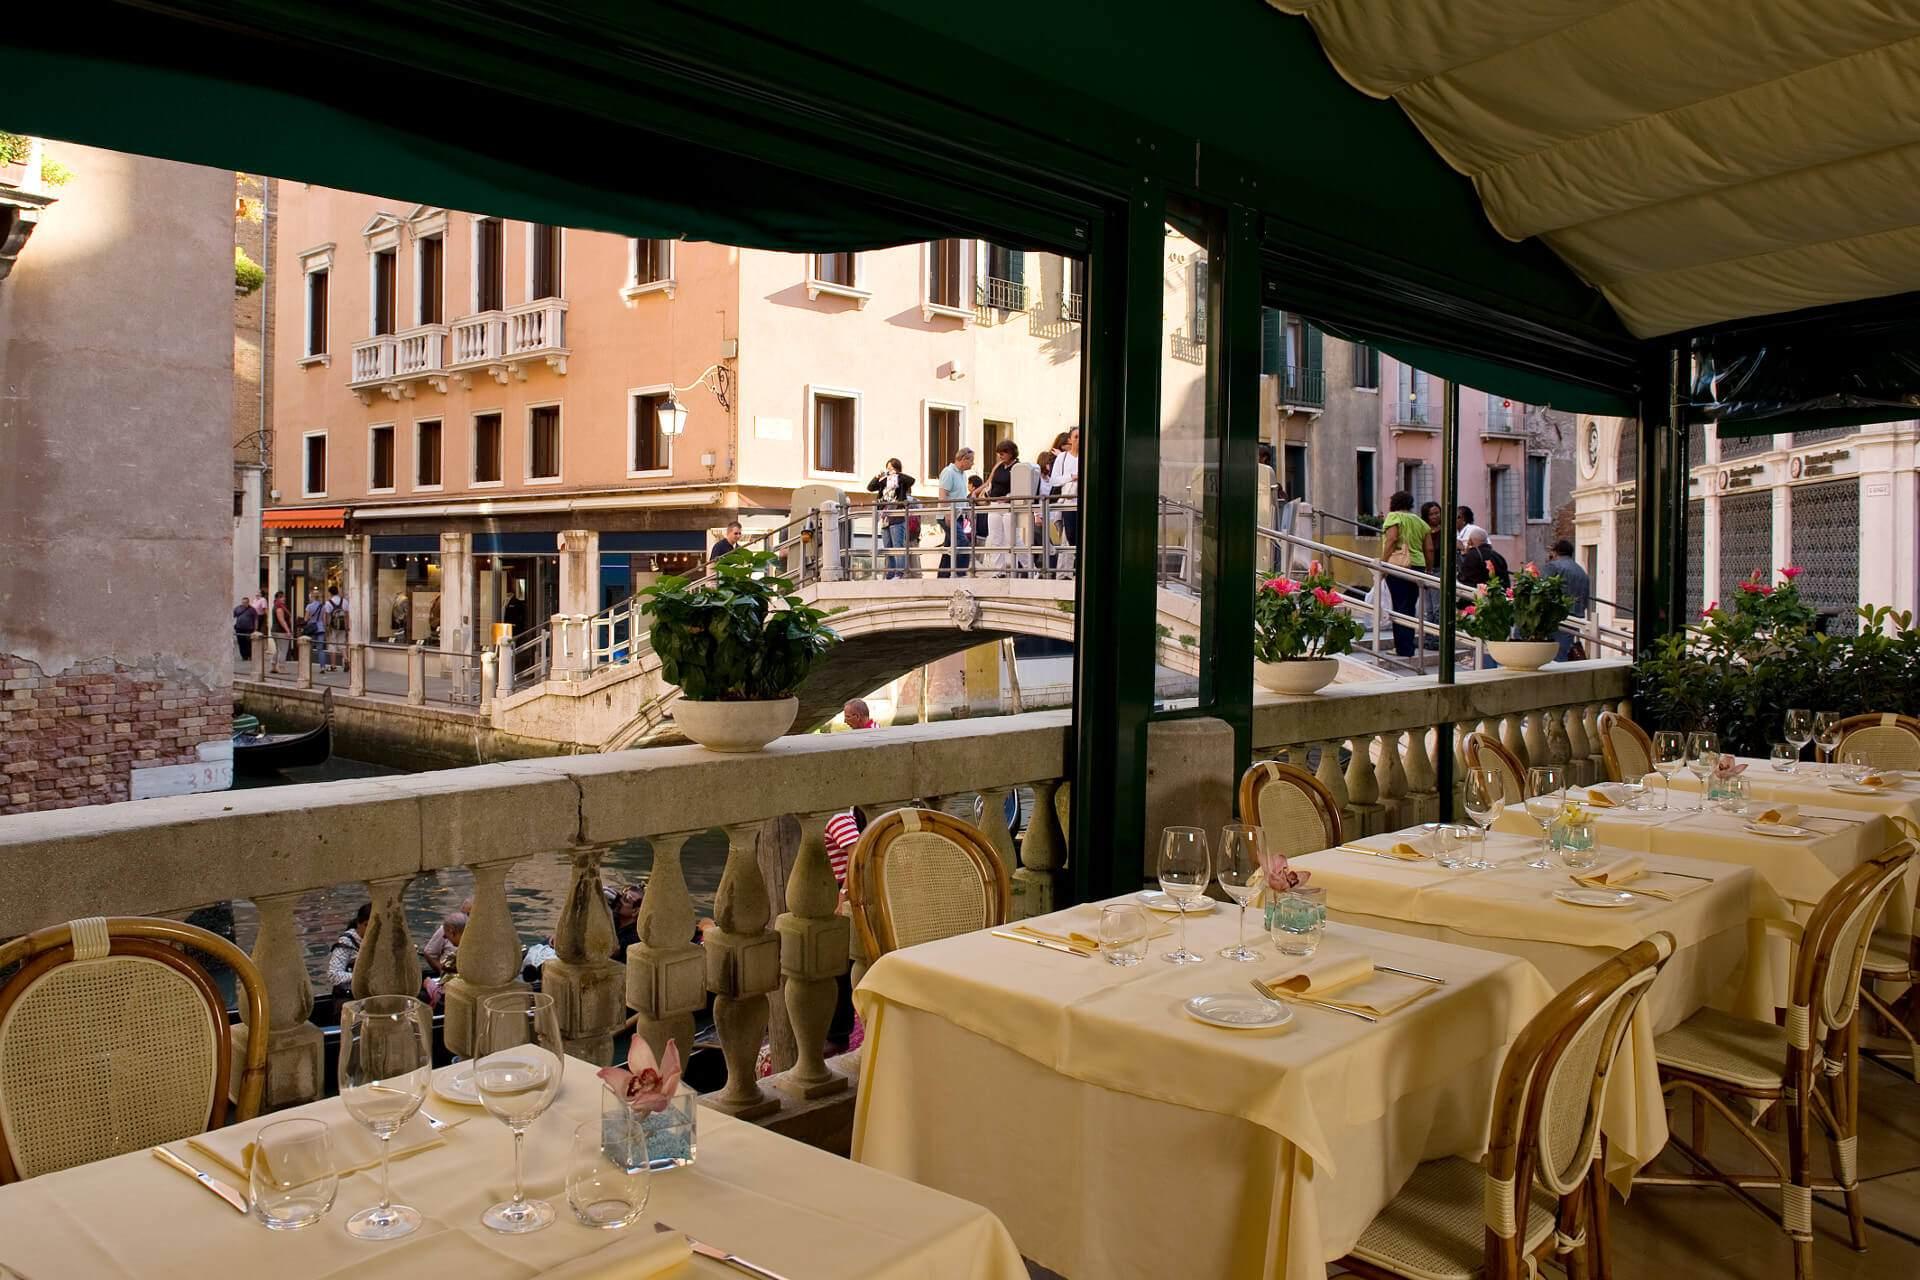 Traditionelle Restaurant in Venedig | Restaurant La Terrazza Venedig